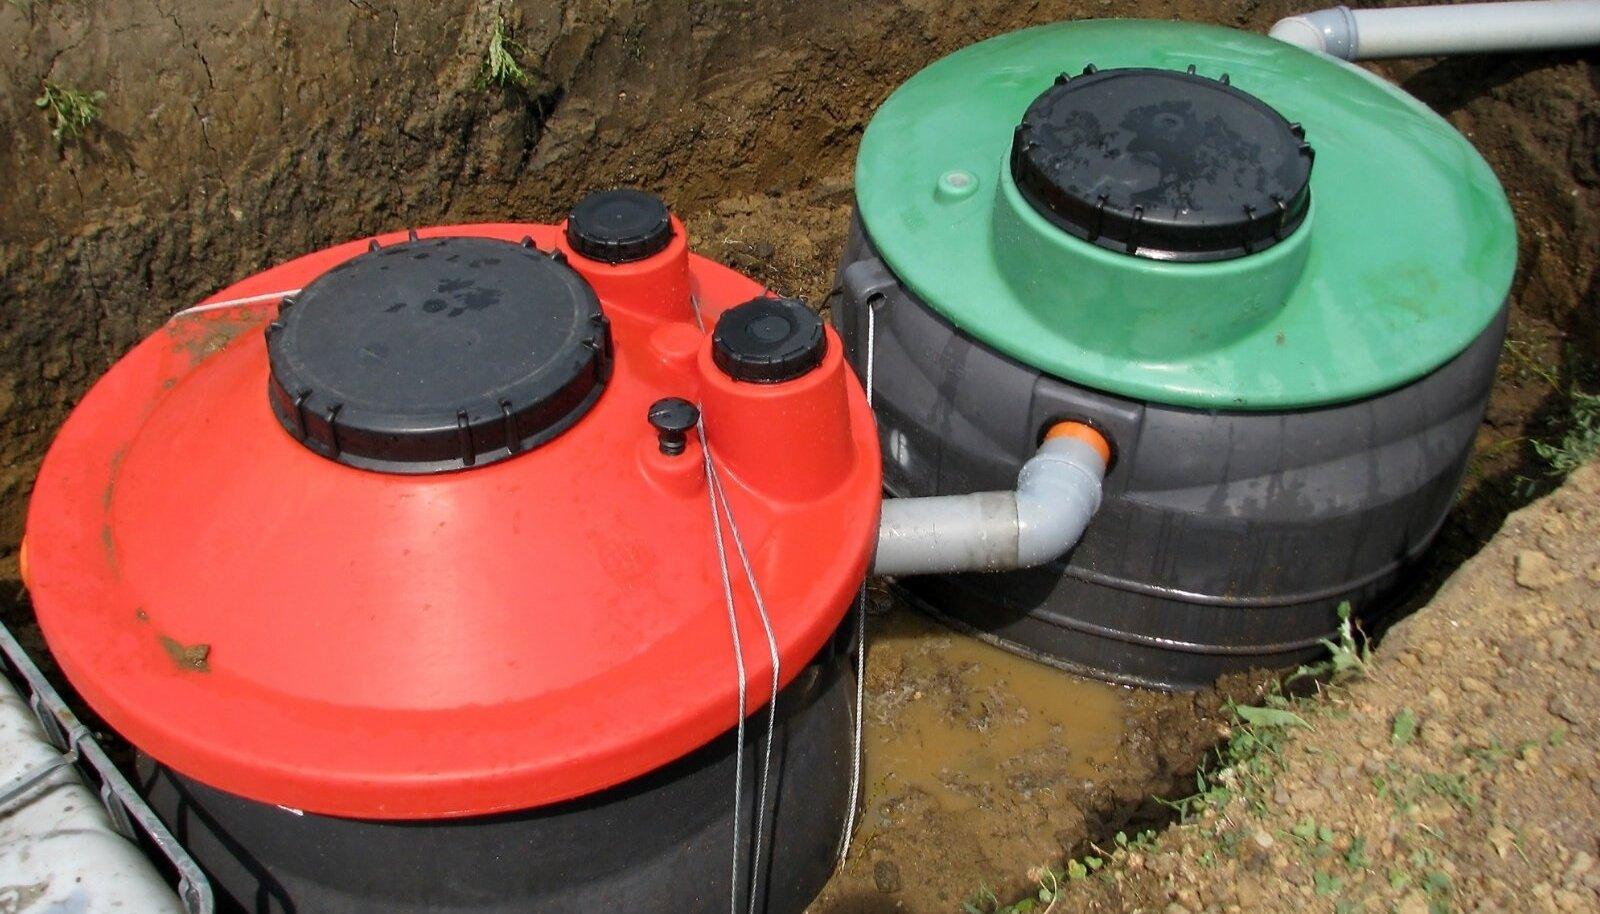 Septik on levinuim lahendus reovee puhastamiseks aladel, kus pole võimalik tsentraalse kanalisatsiooniga liituda (hajaasustusaladel). Septikus mehaaniliselt eelpuhastatud reovesi juhitakse imb- või filtersüsteemi.